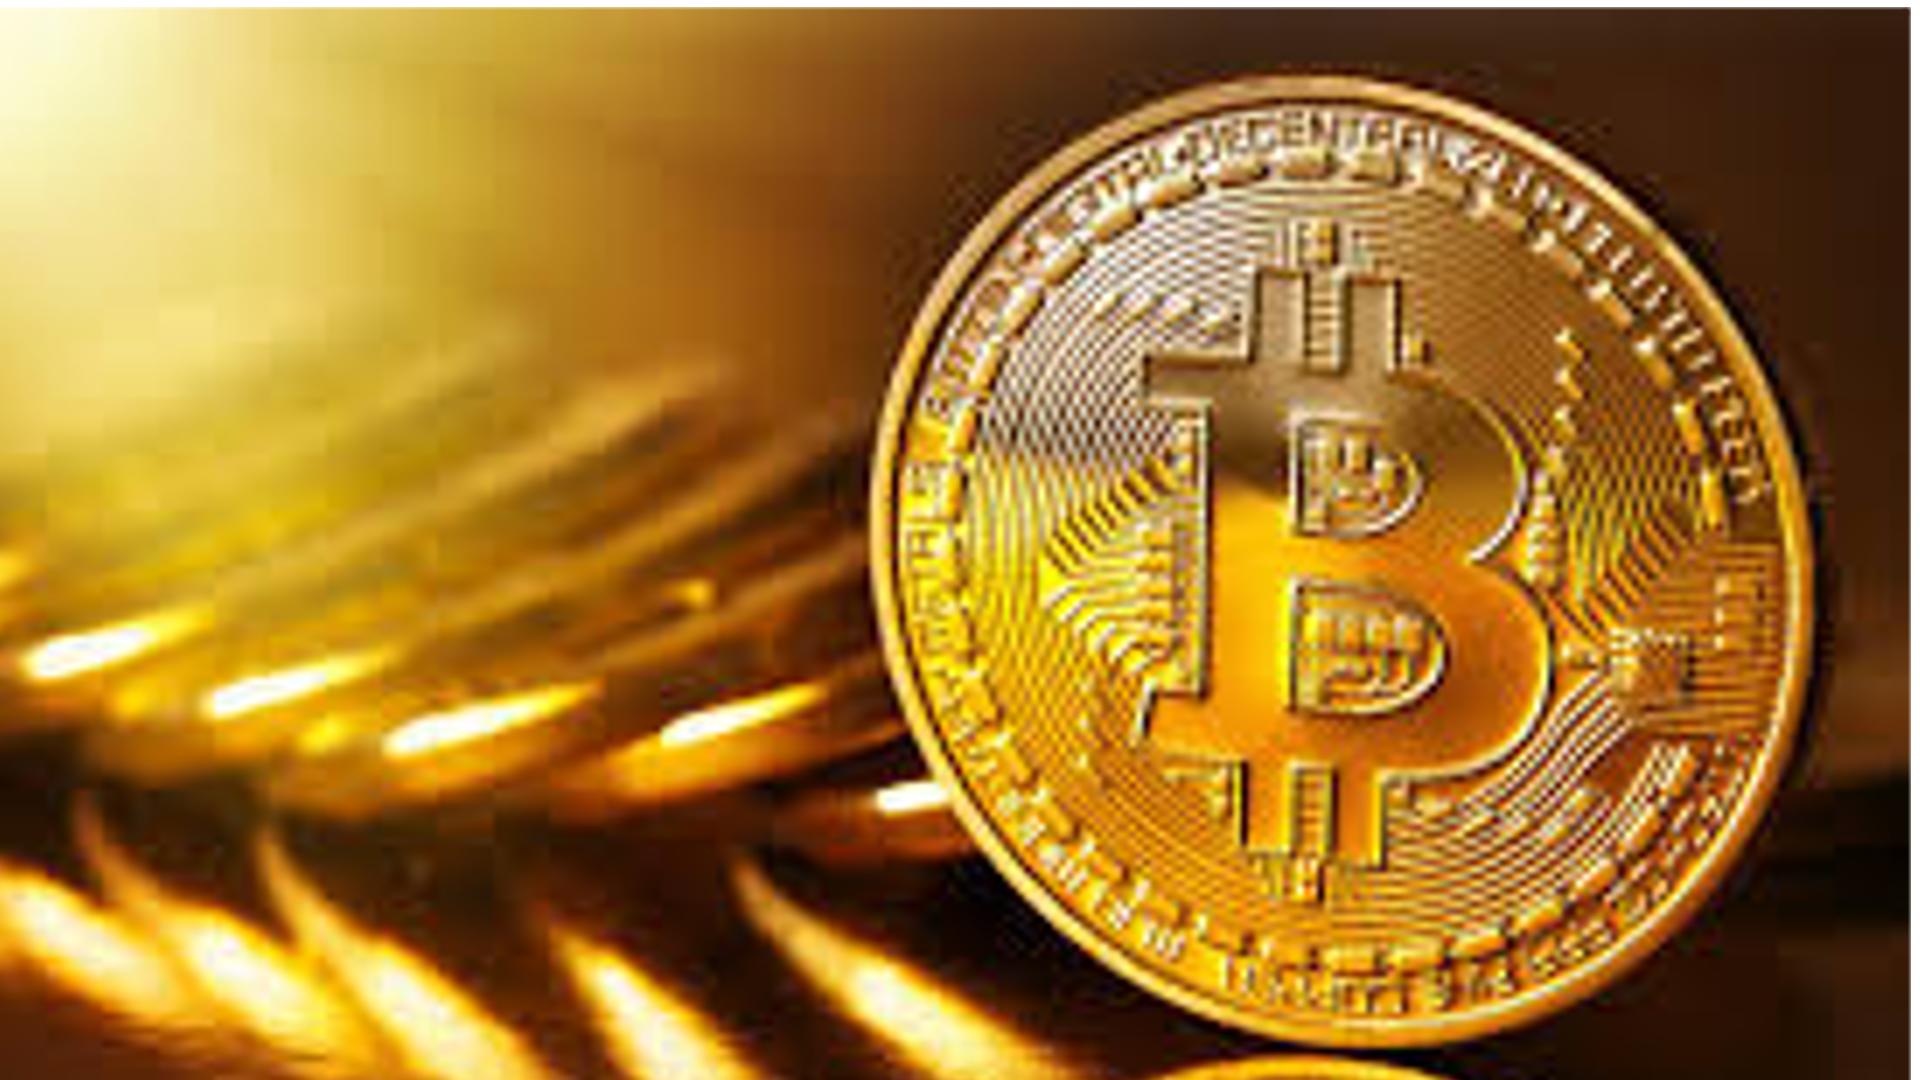 investir-ou-nao-em-moedas-virtuais